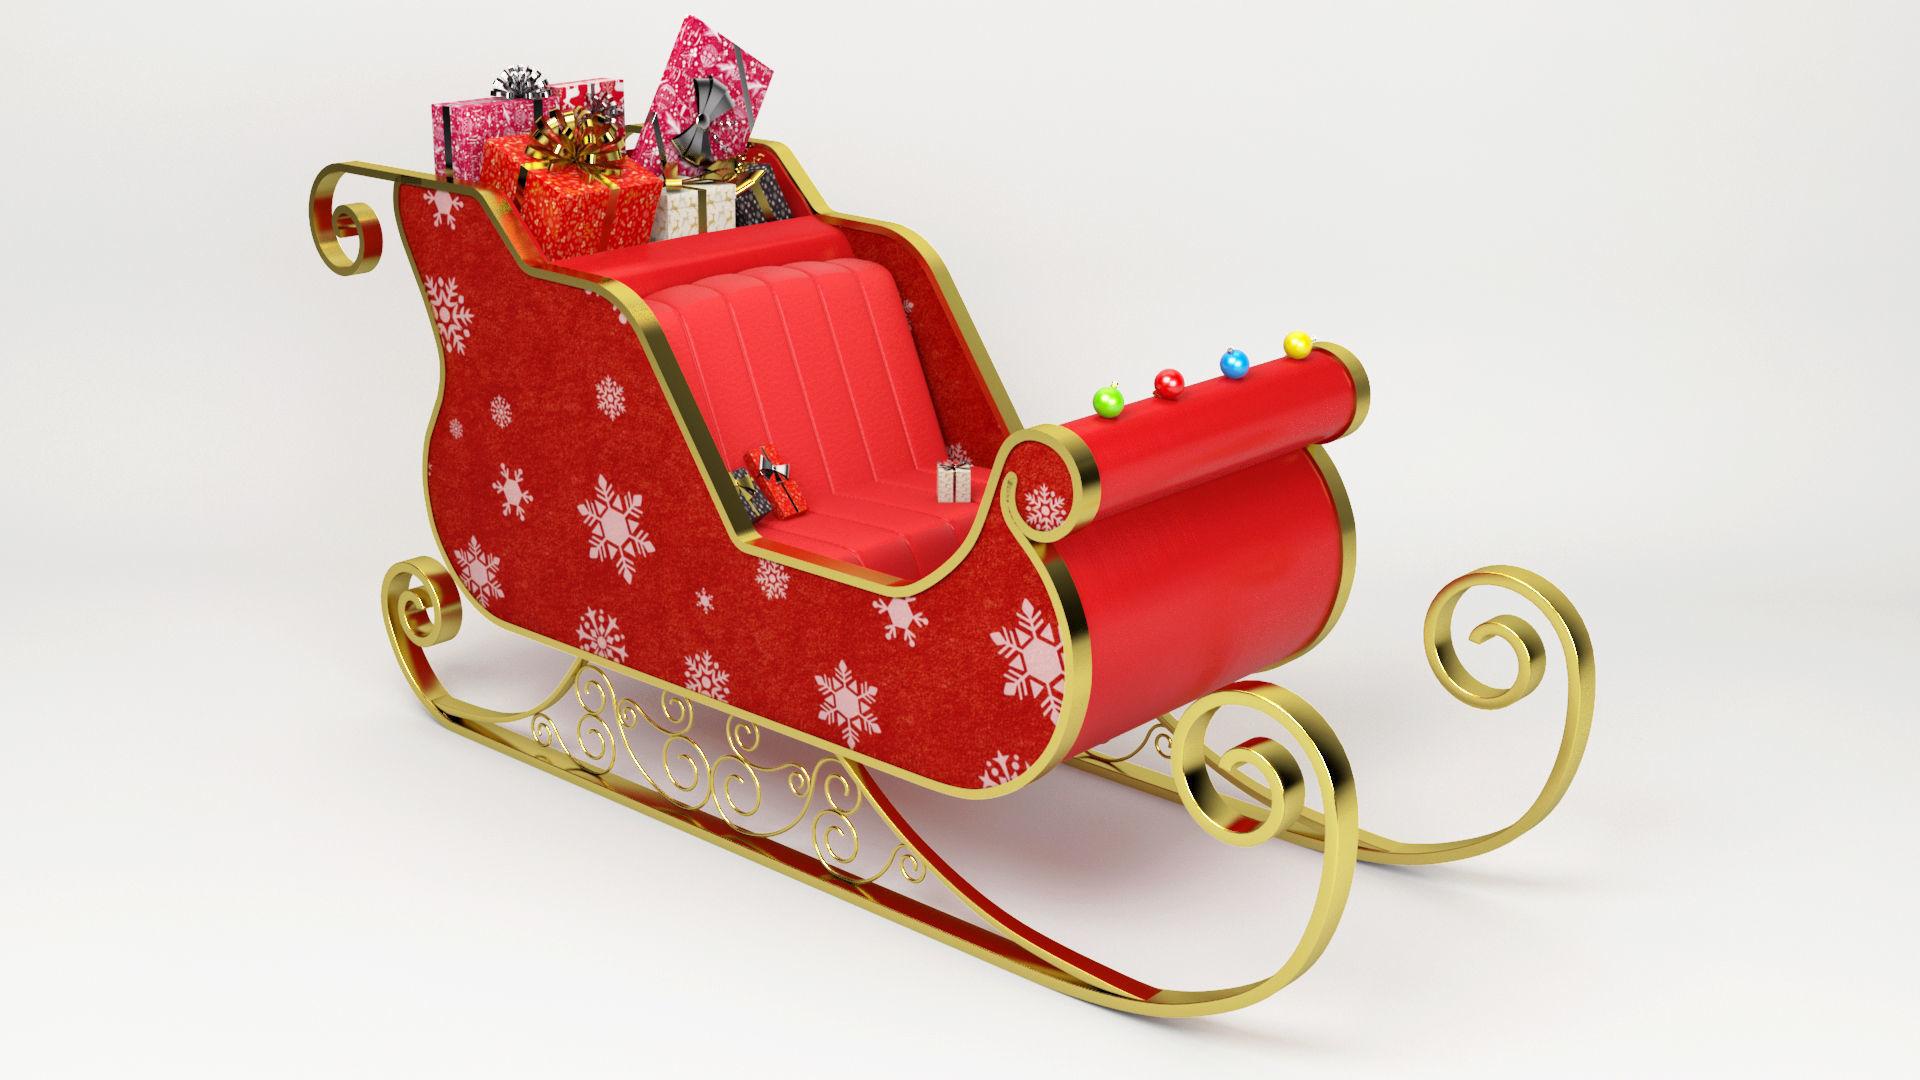 santa claus sled christmas sled chritmas gift 3d model max obj mtl 3ds - Christmas Sled